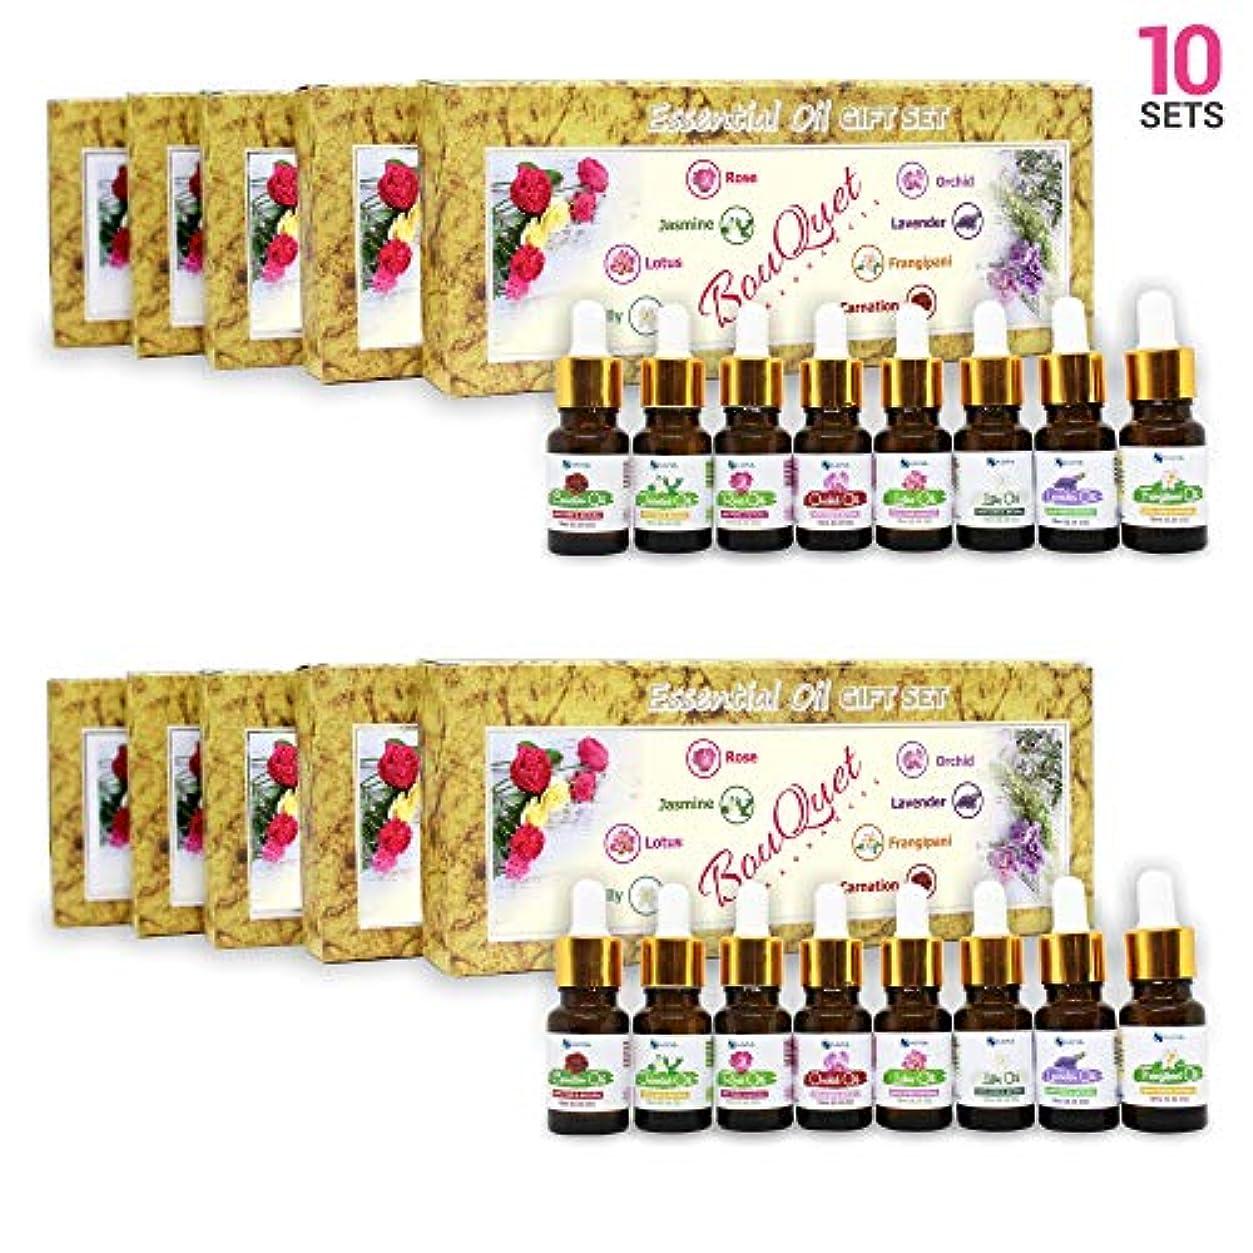 火薬びんどうしたのAromatherapy Fragrance Oils (Set of 10) - 100% Natural Therapeutic Essential Oils, 10ml each (Rose, Jasmine, Lotus...